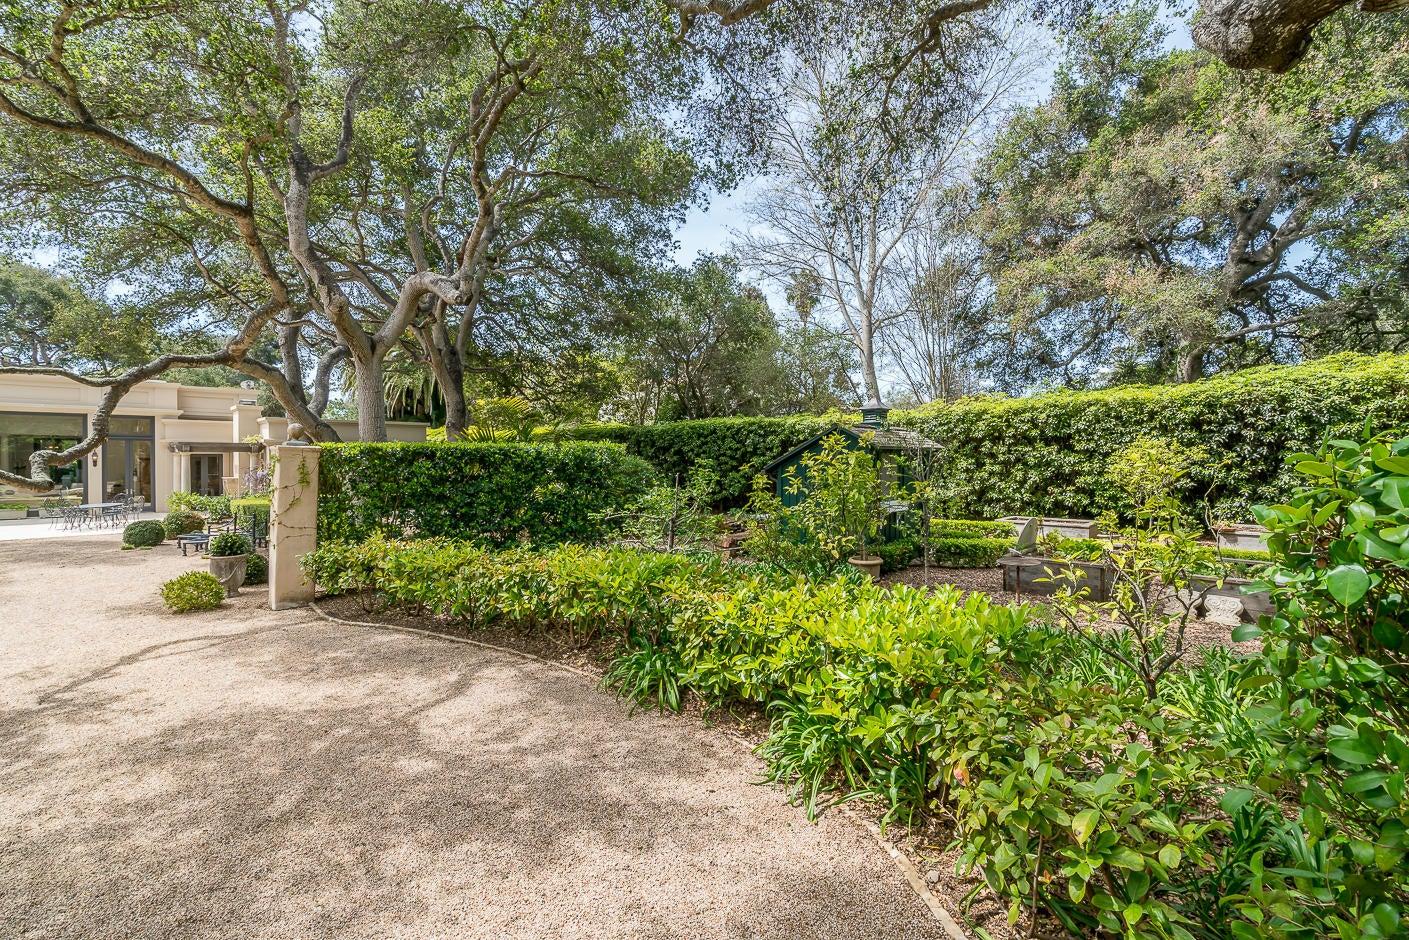 6 San Leandro garden view